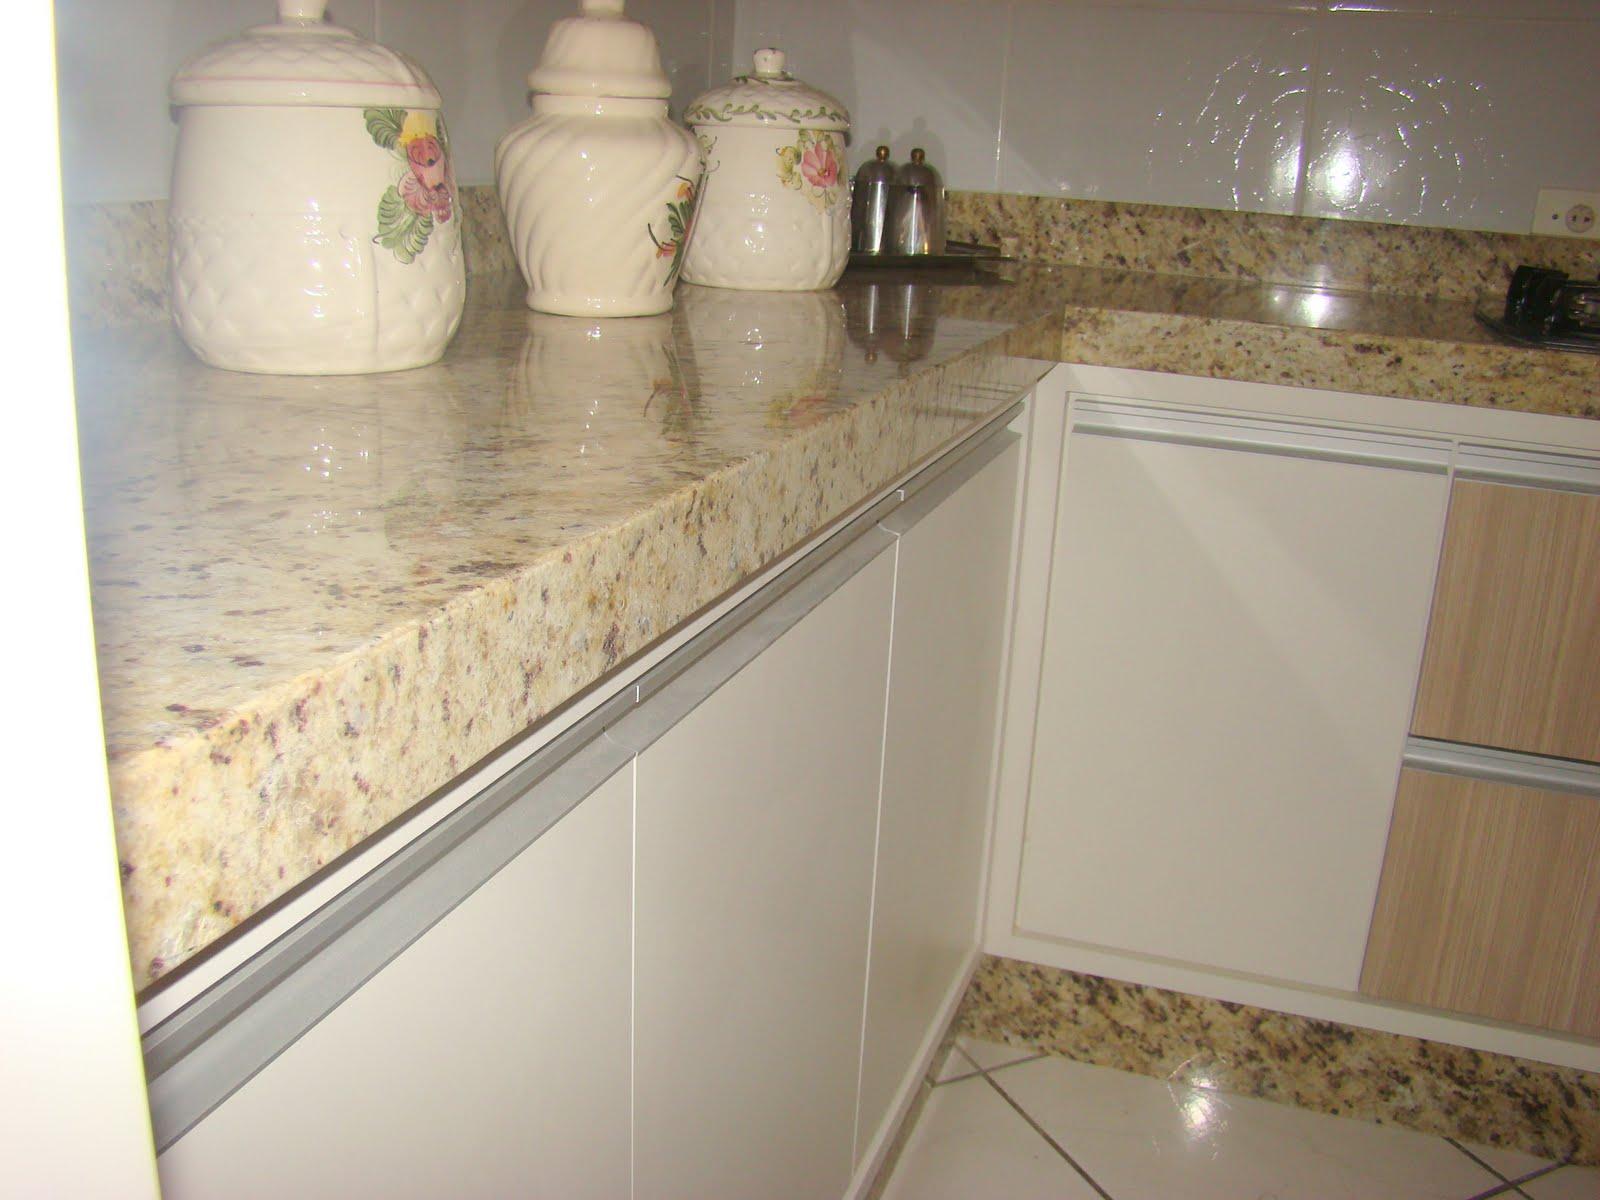 Granitos e Mármores: Cozinhas em Granito #816F4A 1600x1200 Banheiro Com Granito Ornamental